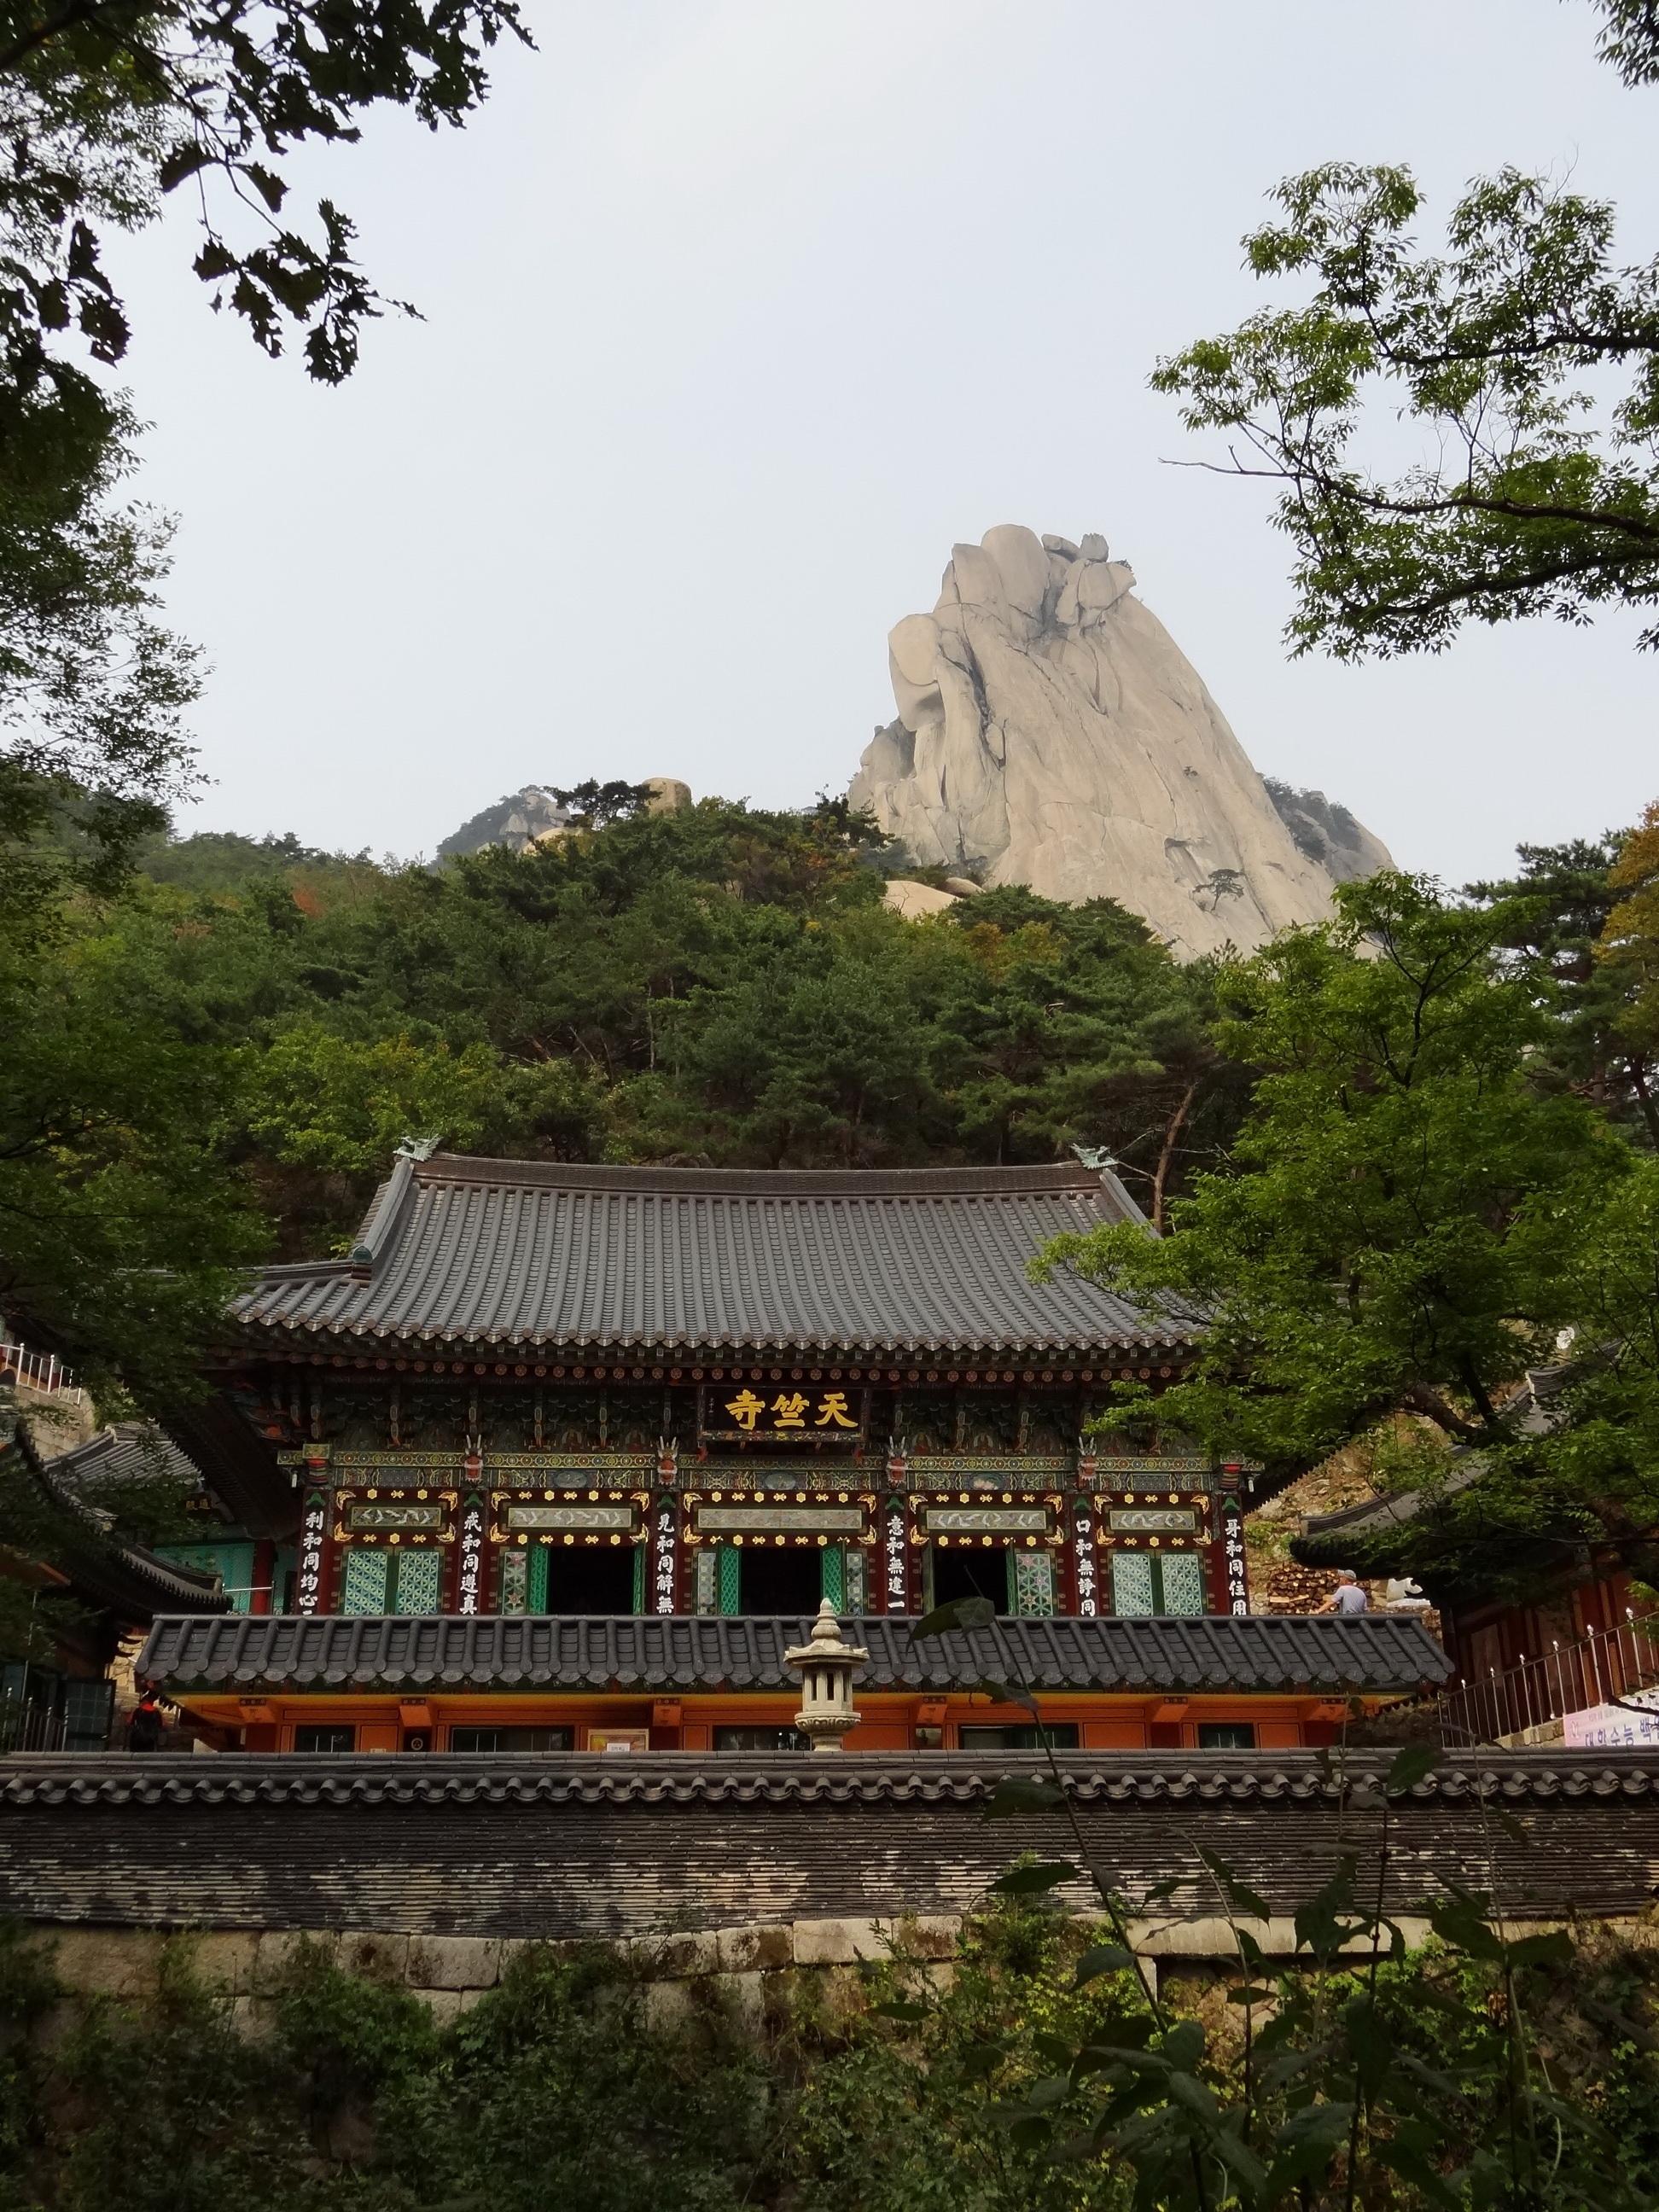 Seoul Mountain Temple